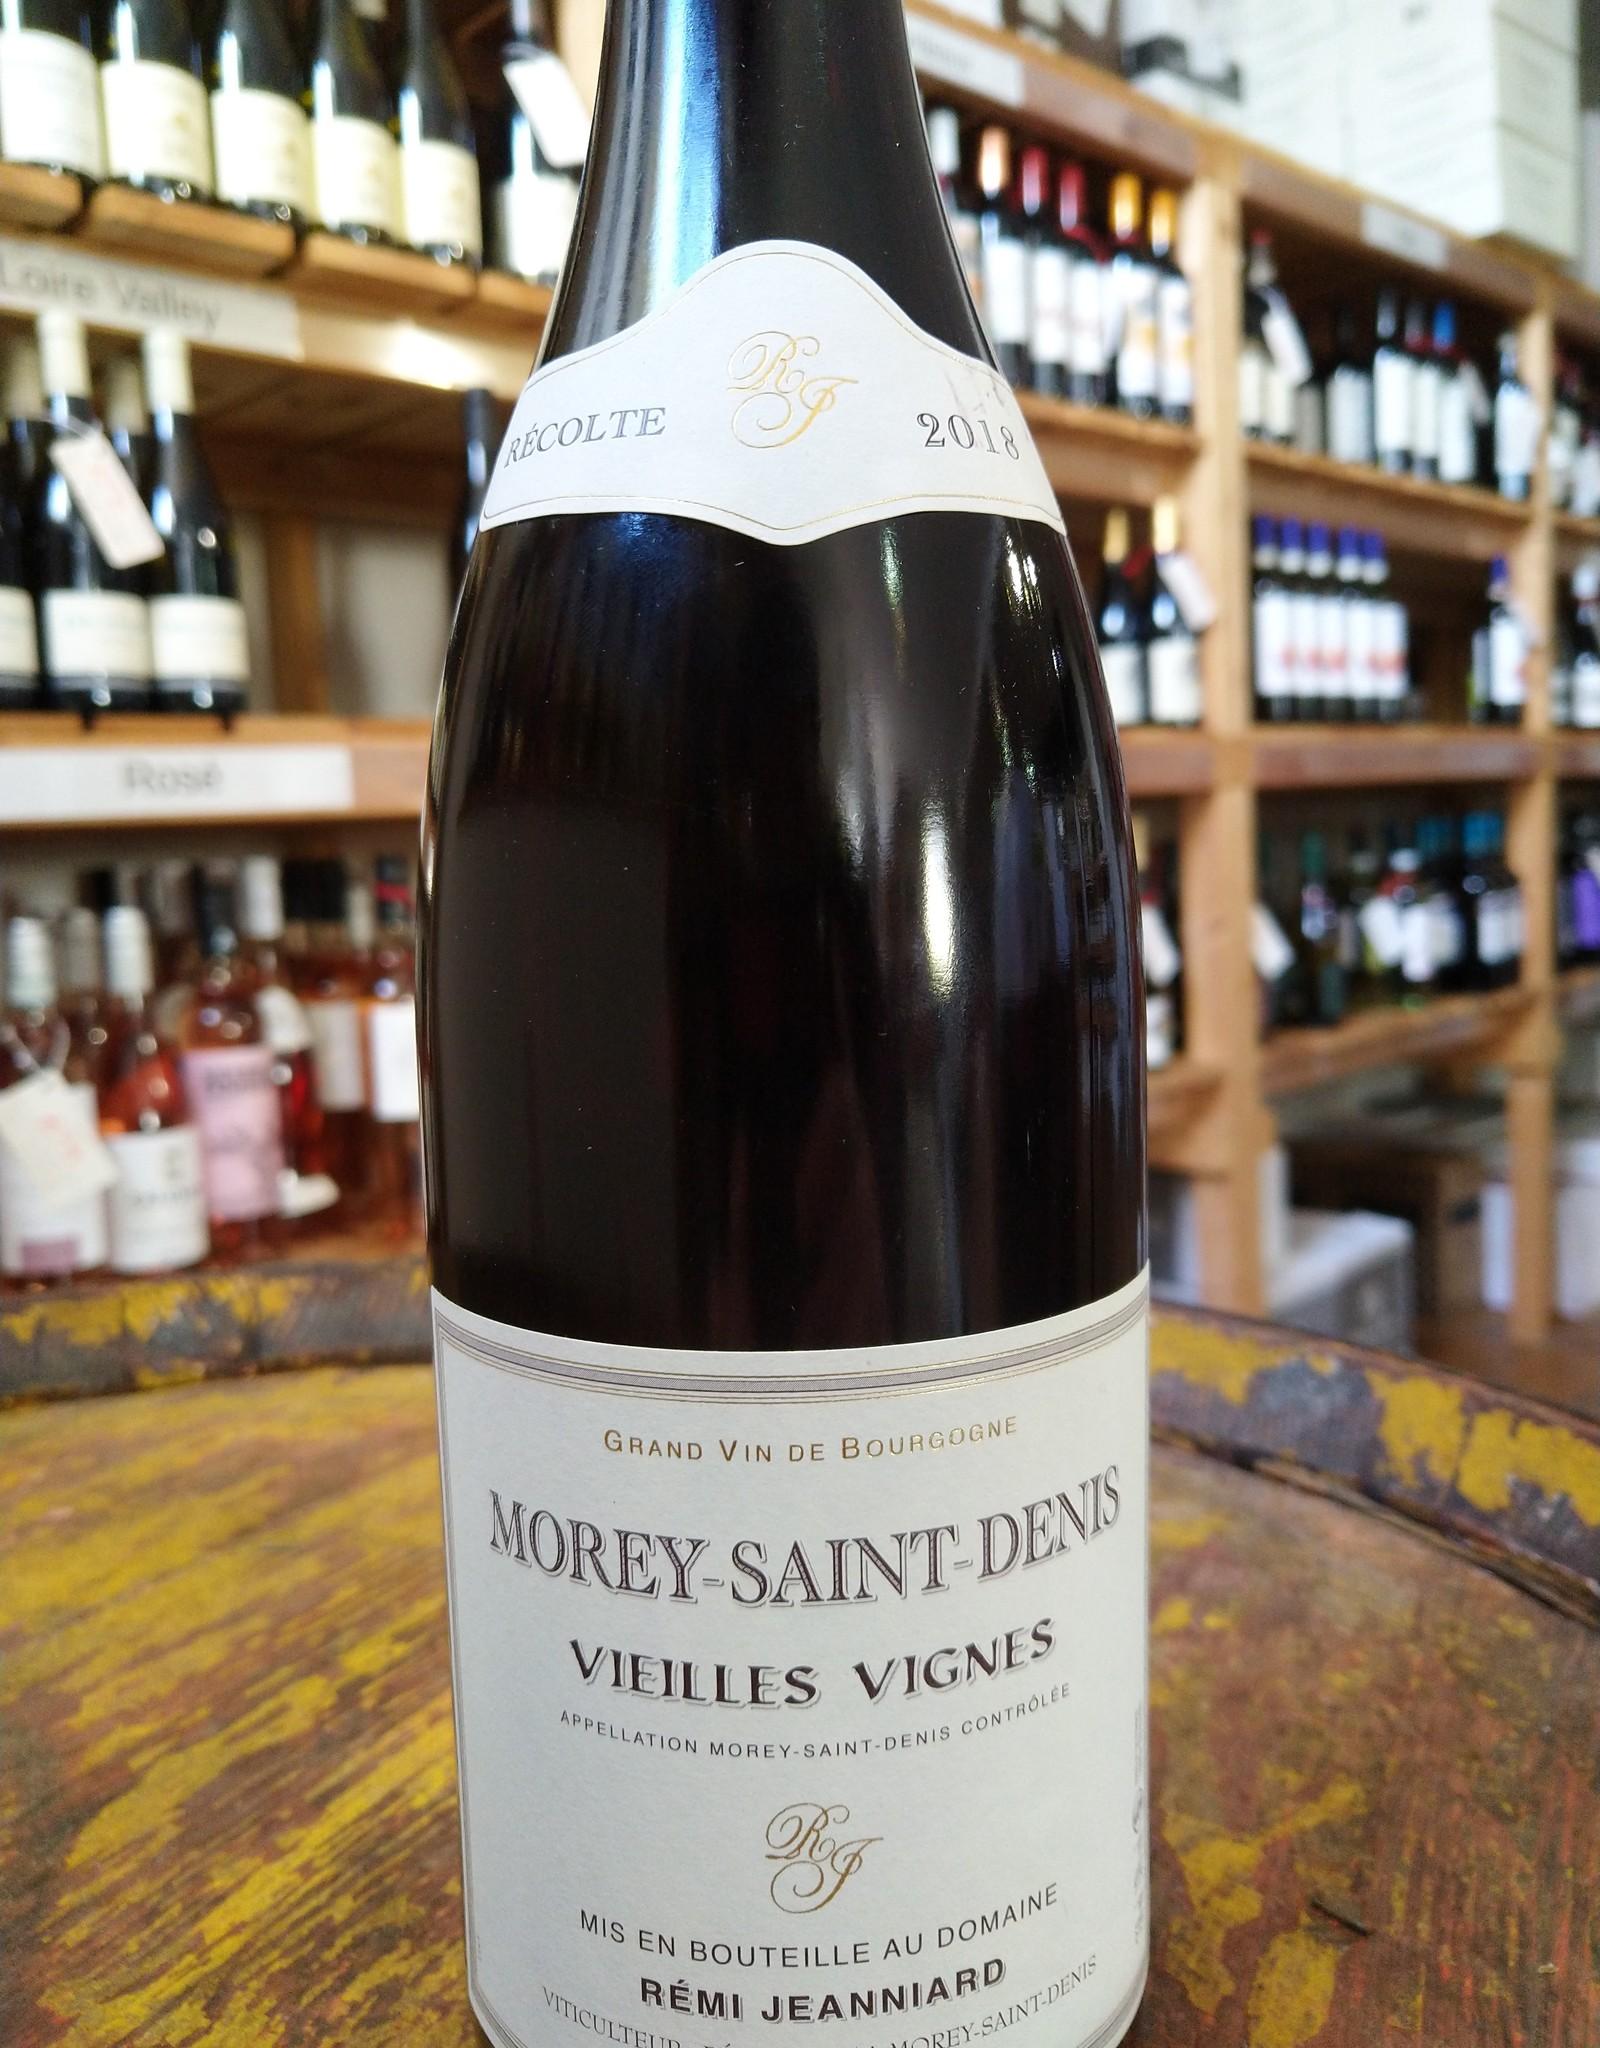 2018 Domaine Jeanniard Morey Saint Dennis Vieilles Vignes